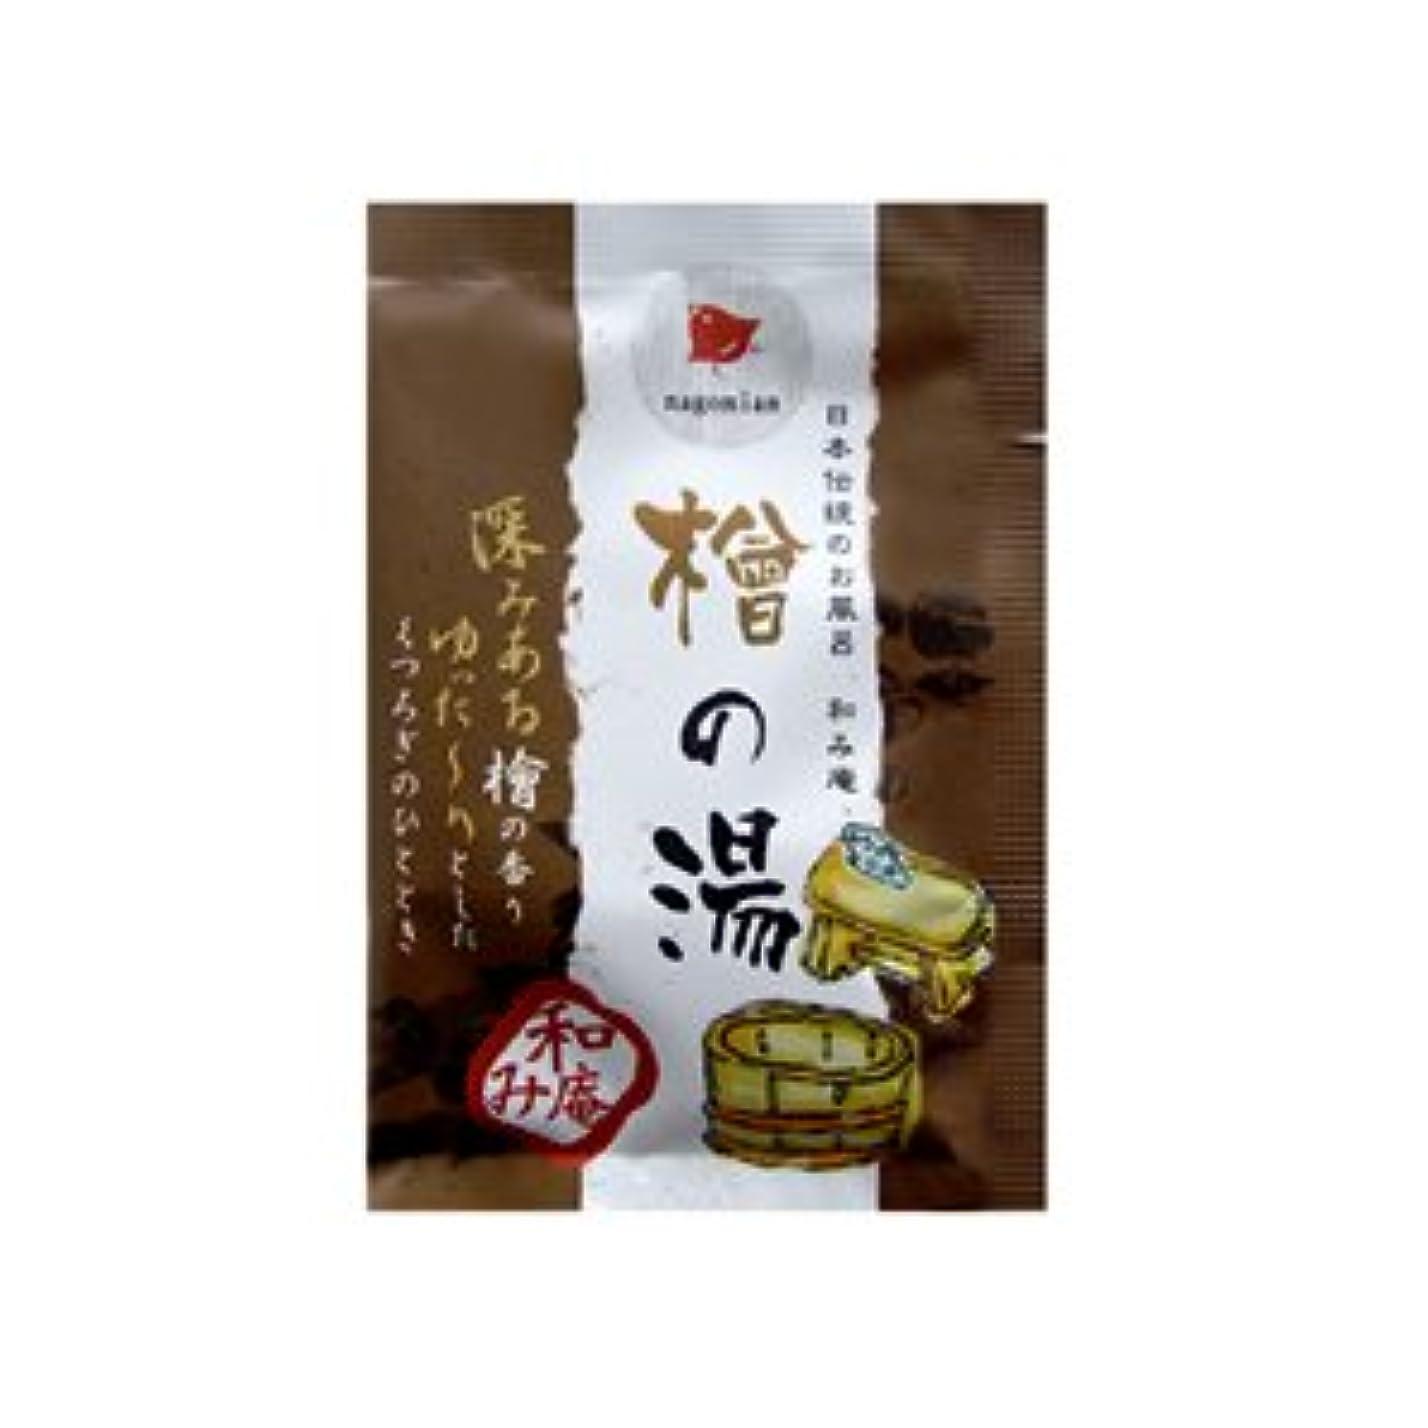 評決先祖平和的日本伝統のお風呂 和み庵 檜の湯 25g 10個セット